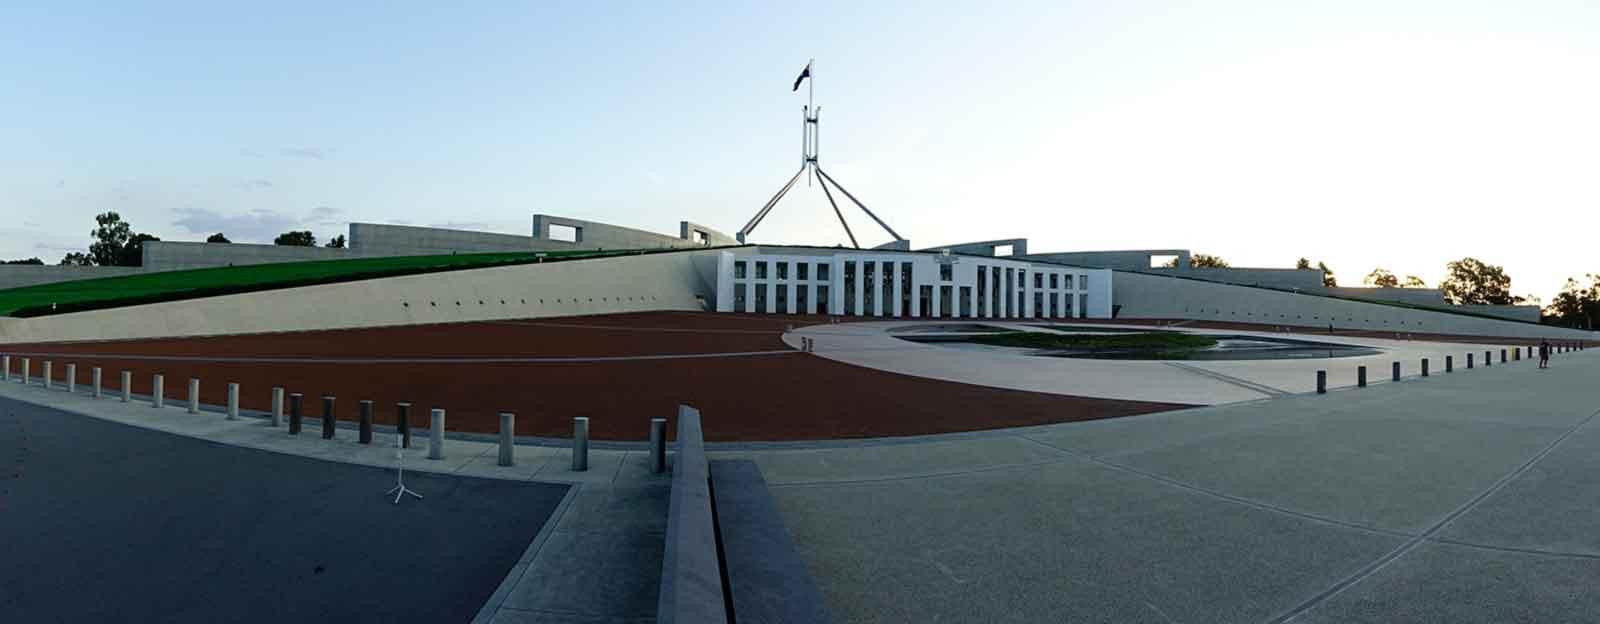 Parlament in Canberra